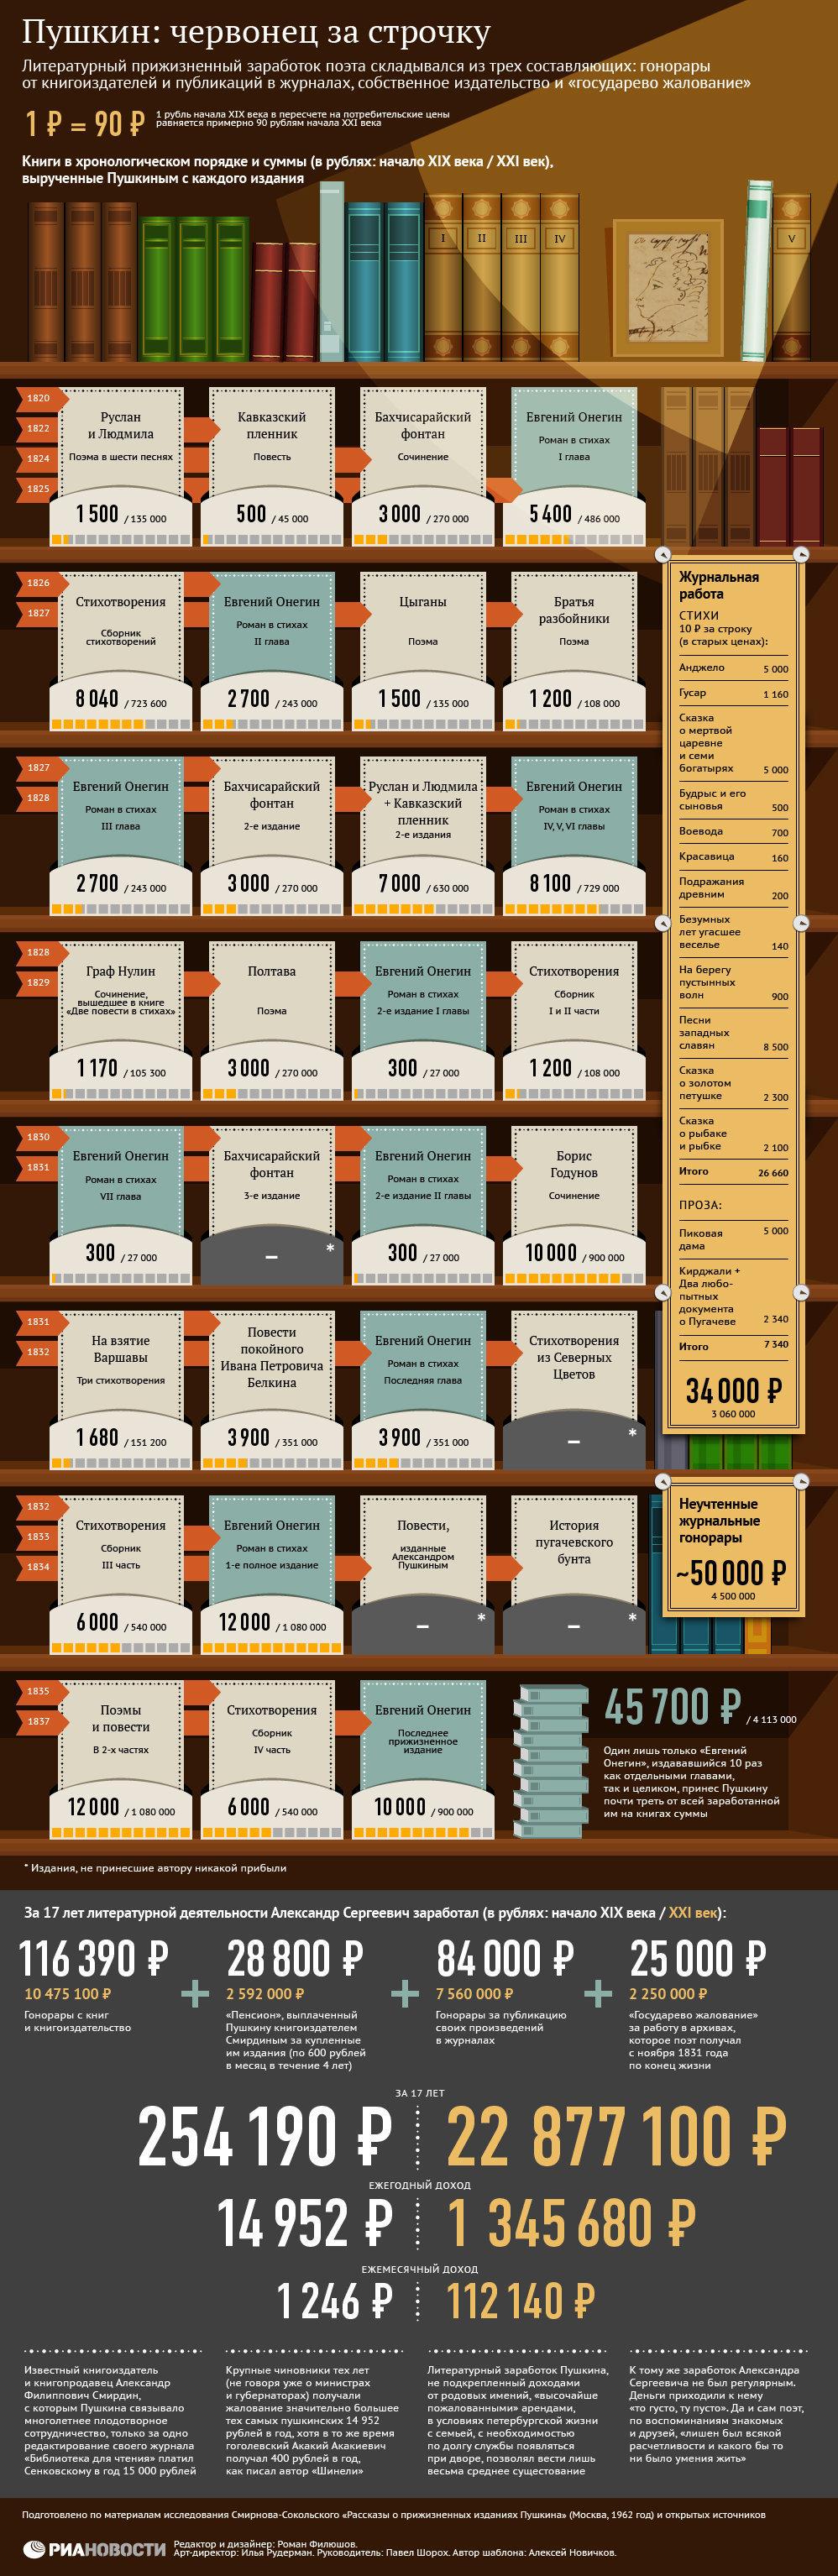 Сколько заработал Пушкин за 17 лет литературного труда